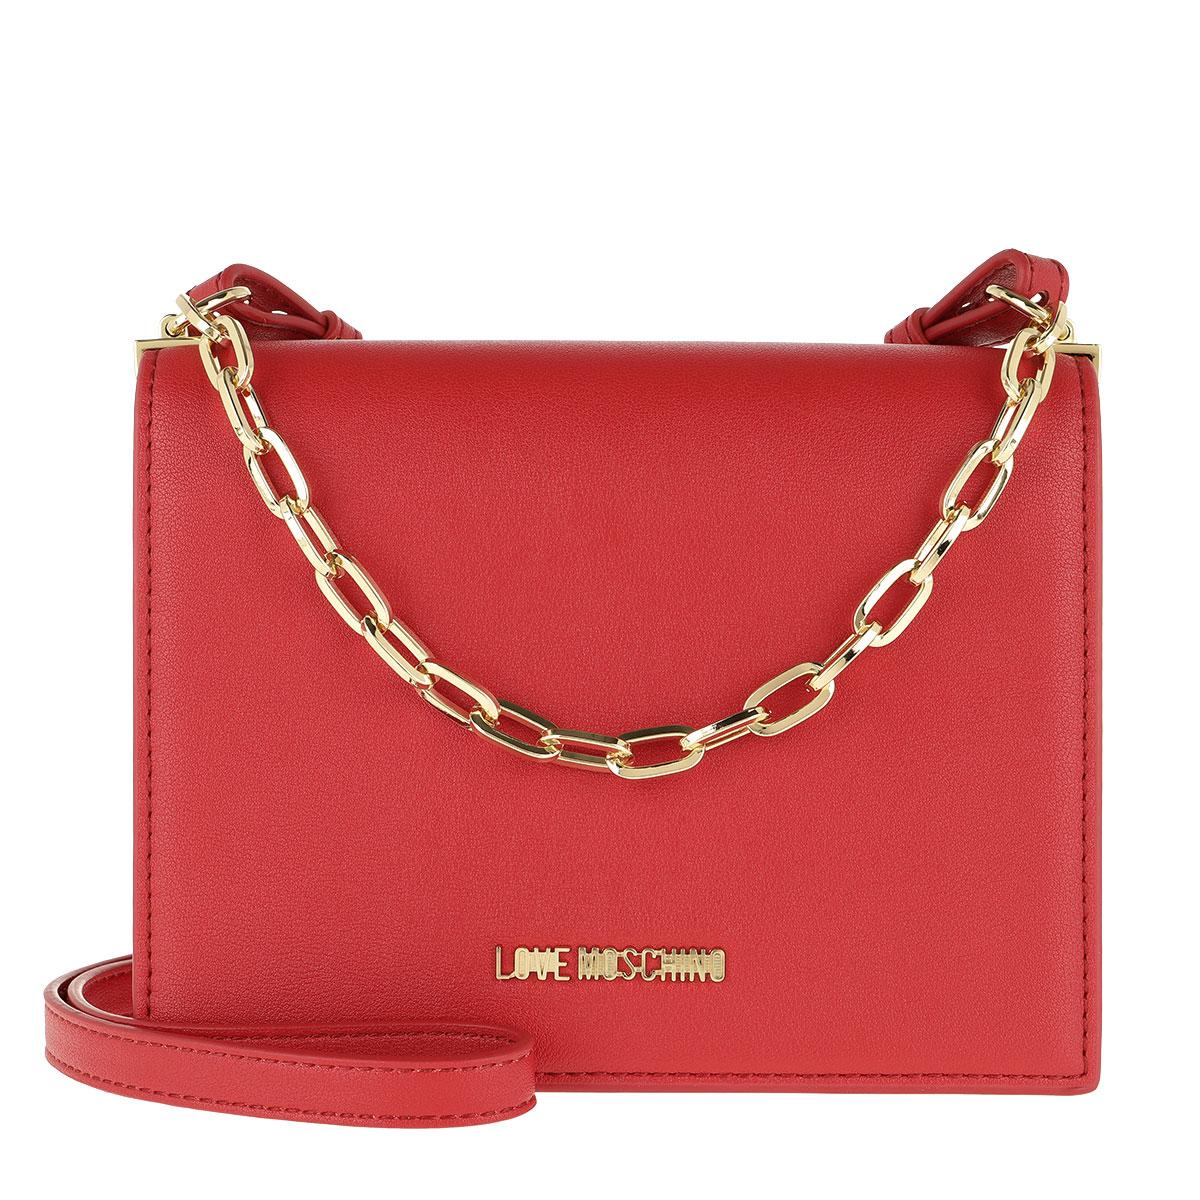 Love Moschino Umhängetasche - Smooth Pu Chain Crossbody Bag Rosso - in rot - für Damen